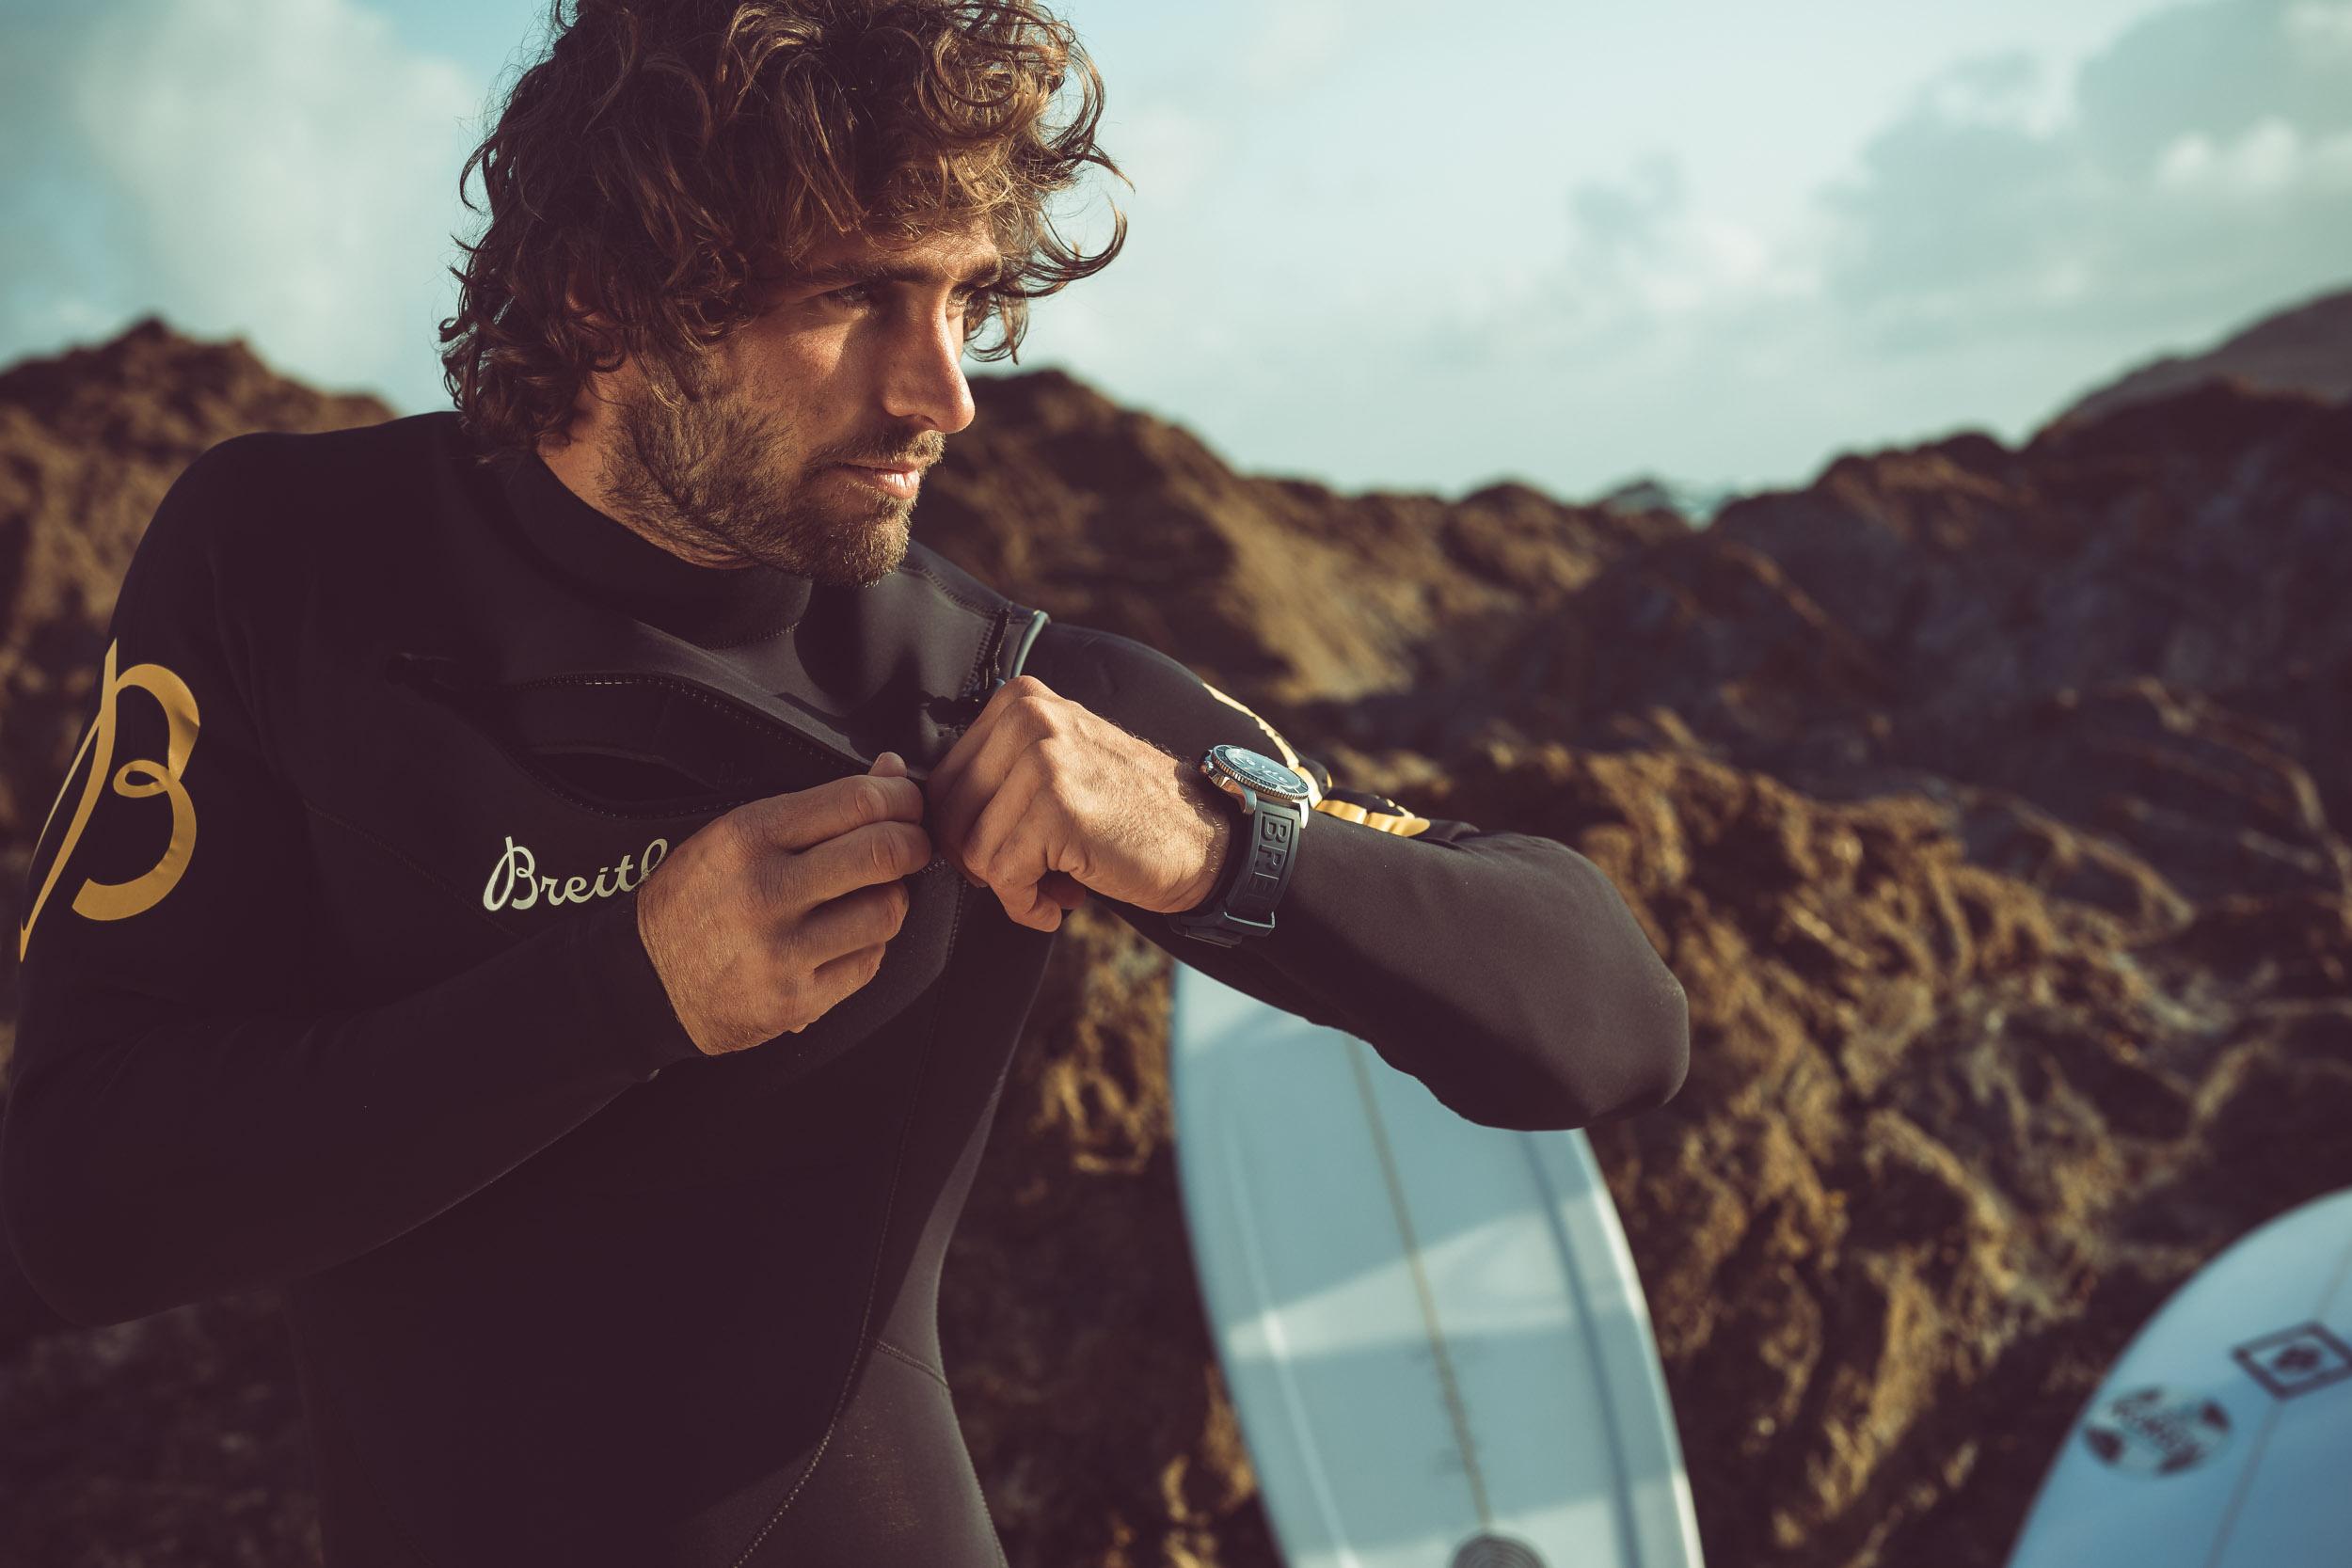 BREITLING-SURF-Finn-Beales-202.jpg